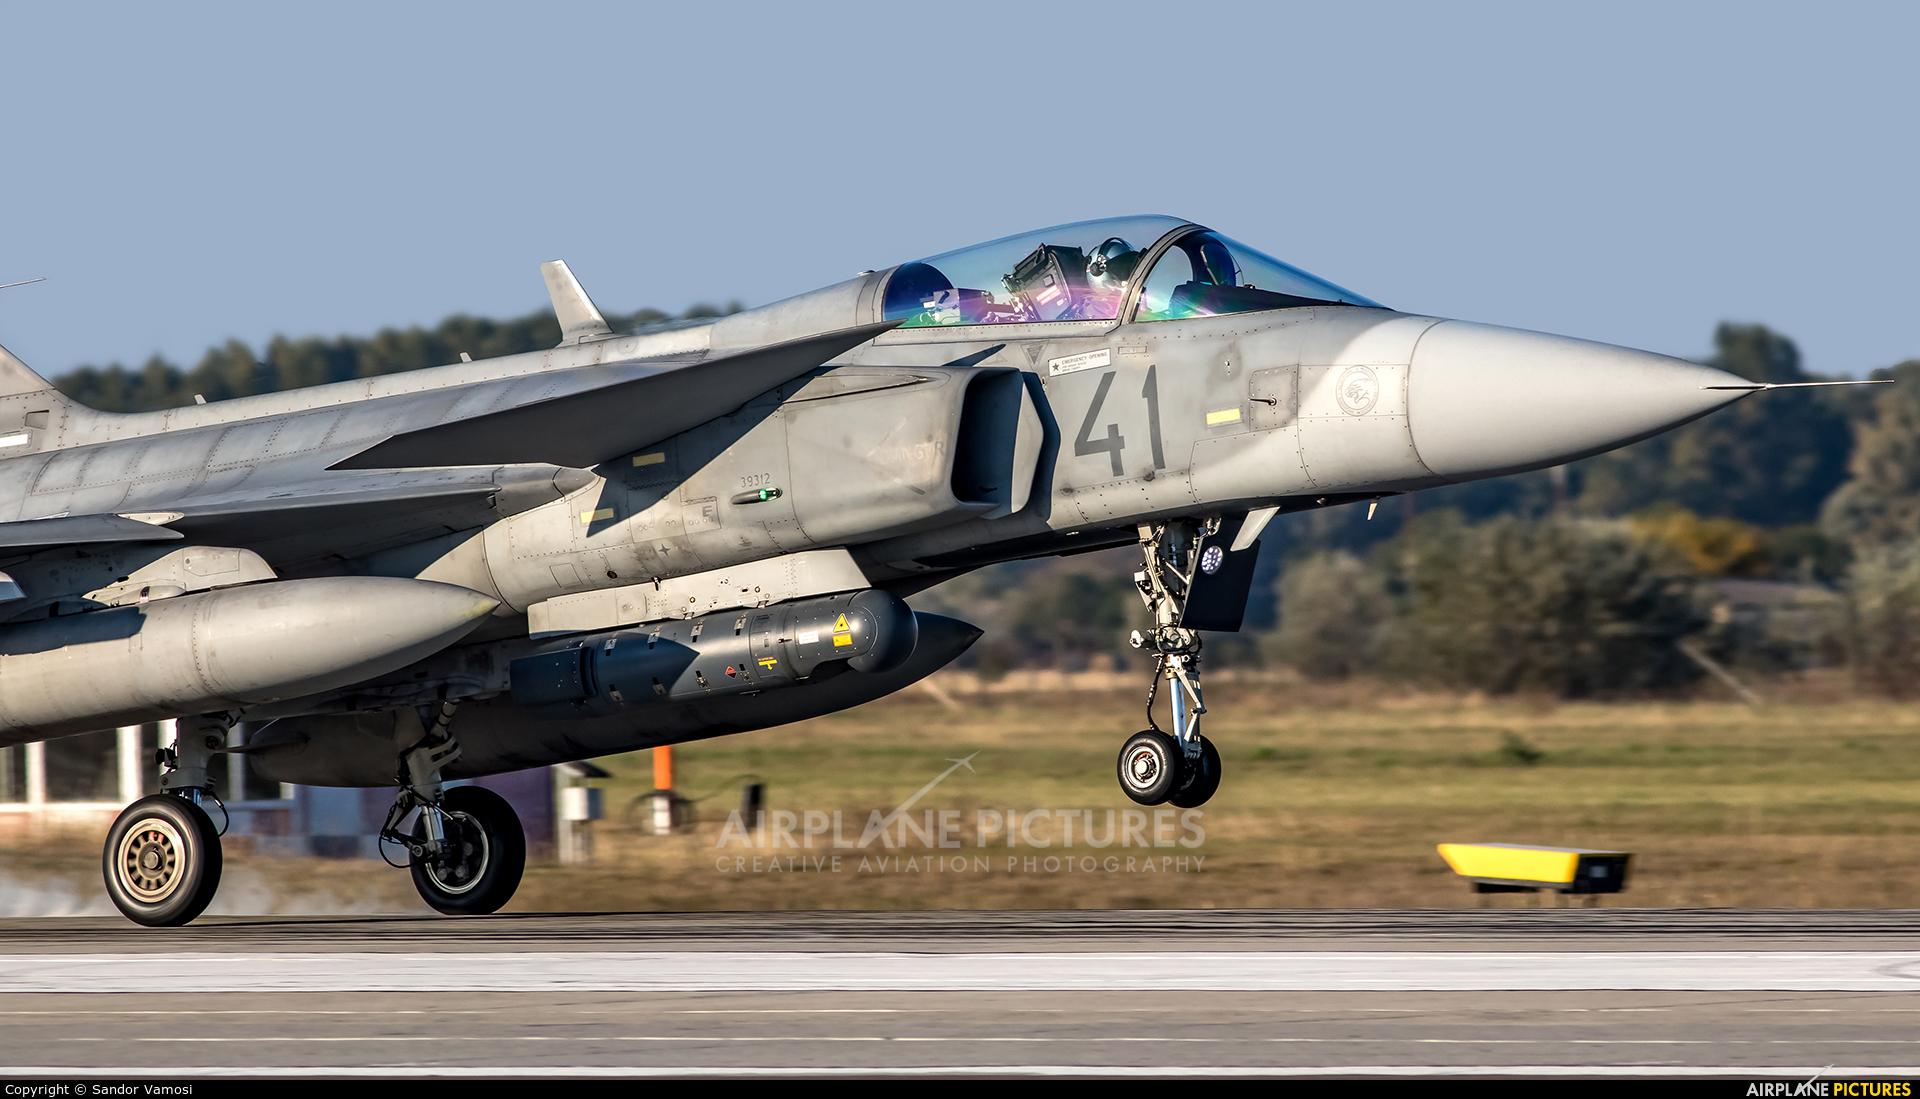 Hungary - Air Force 41 aircraft at Kecskemét